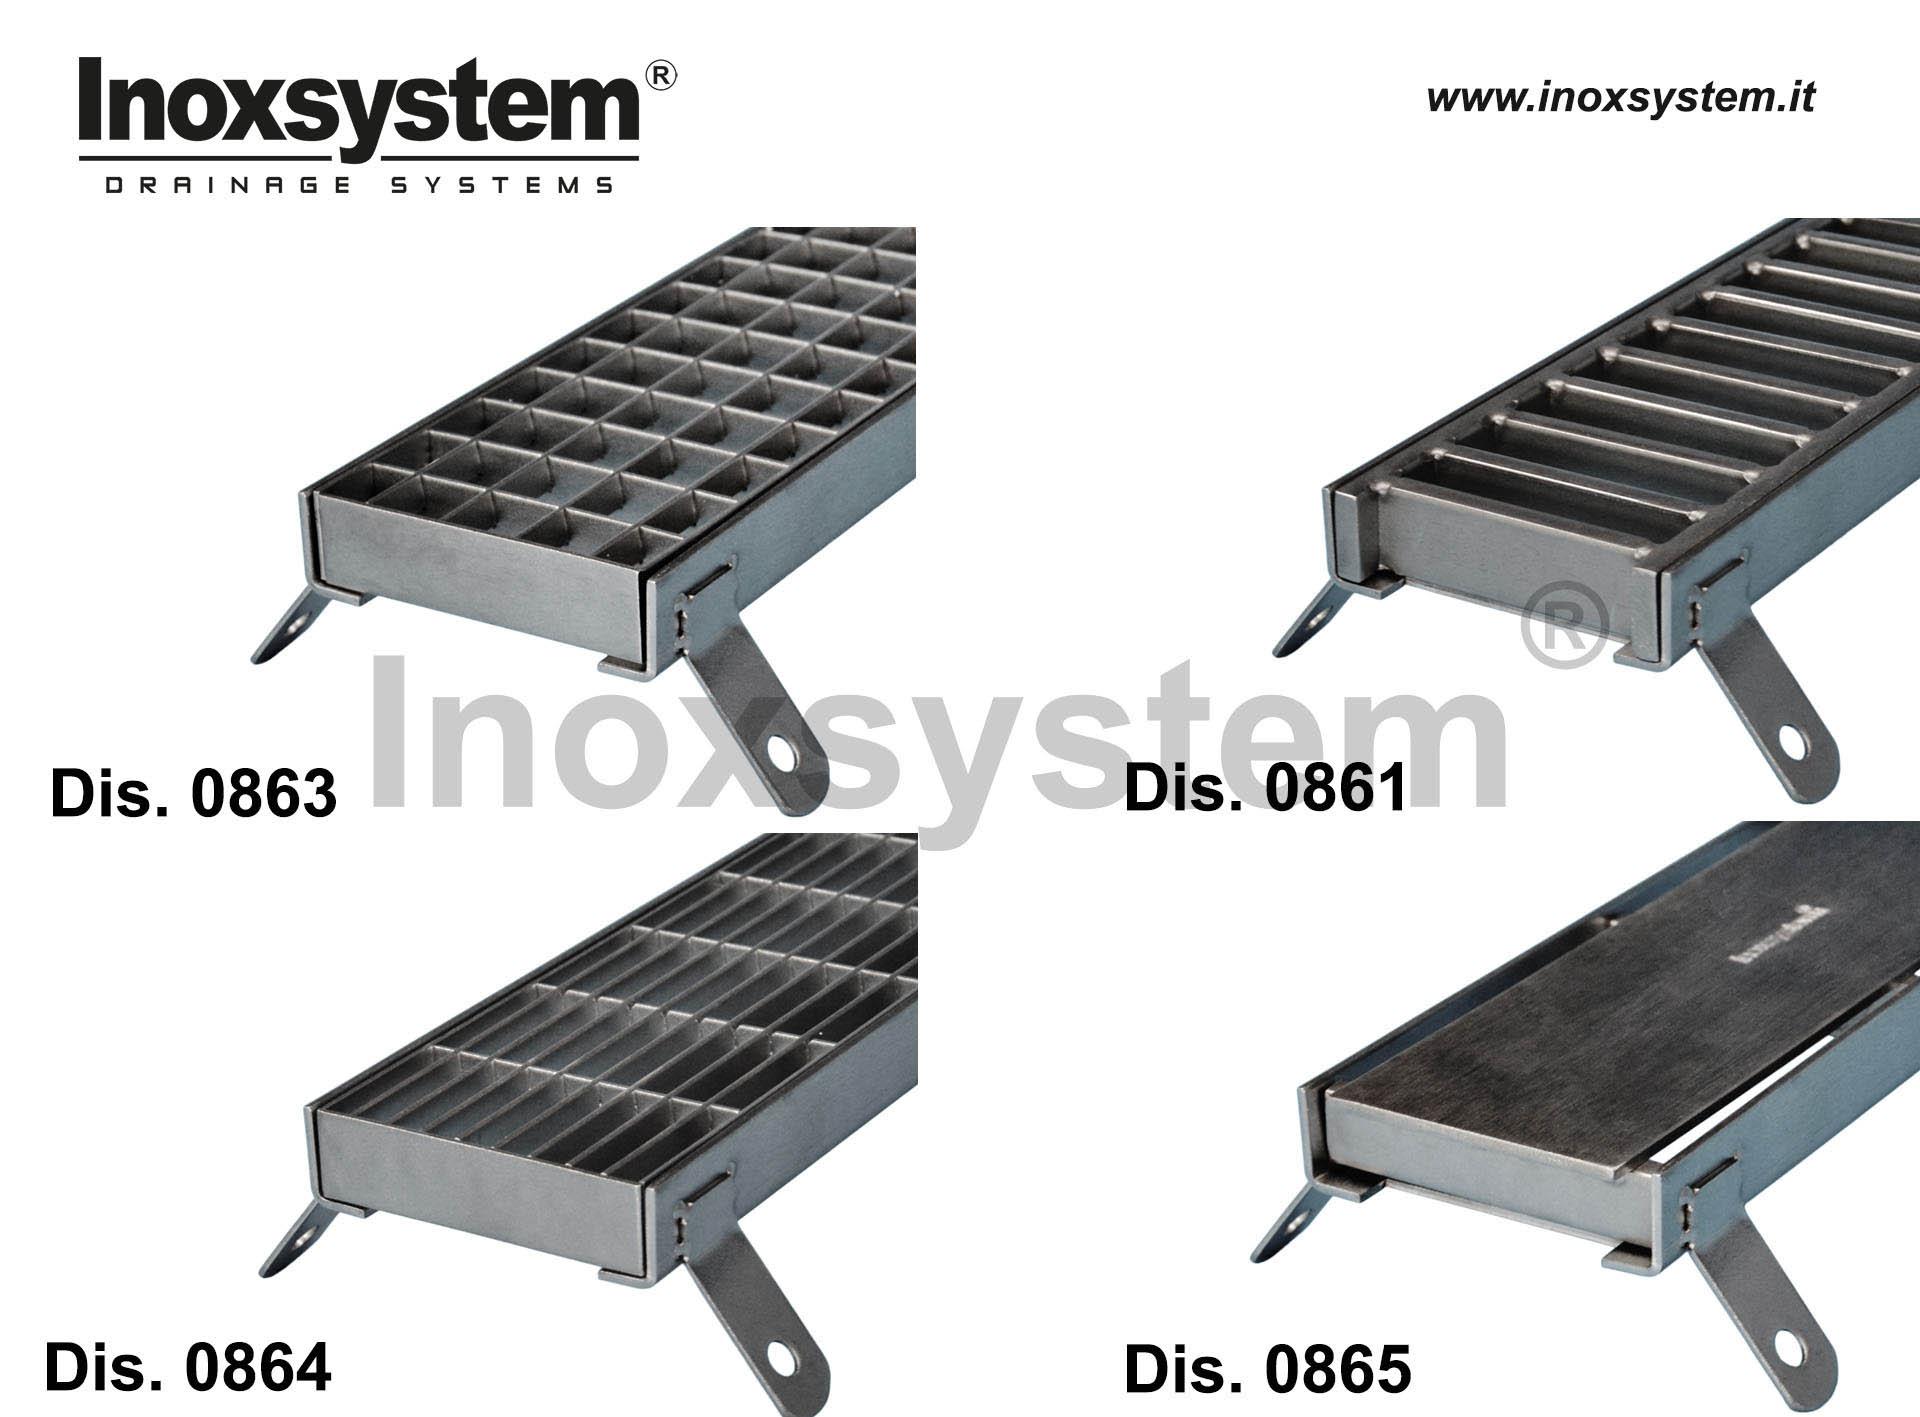 Accesorios para rejillas armazón en acero inoxidable para rejillas de inspección